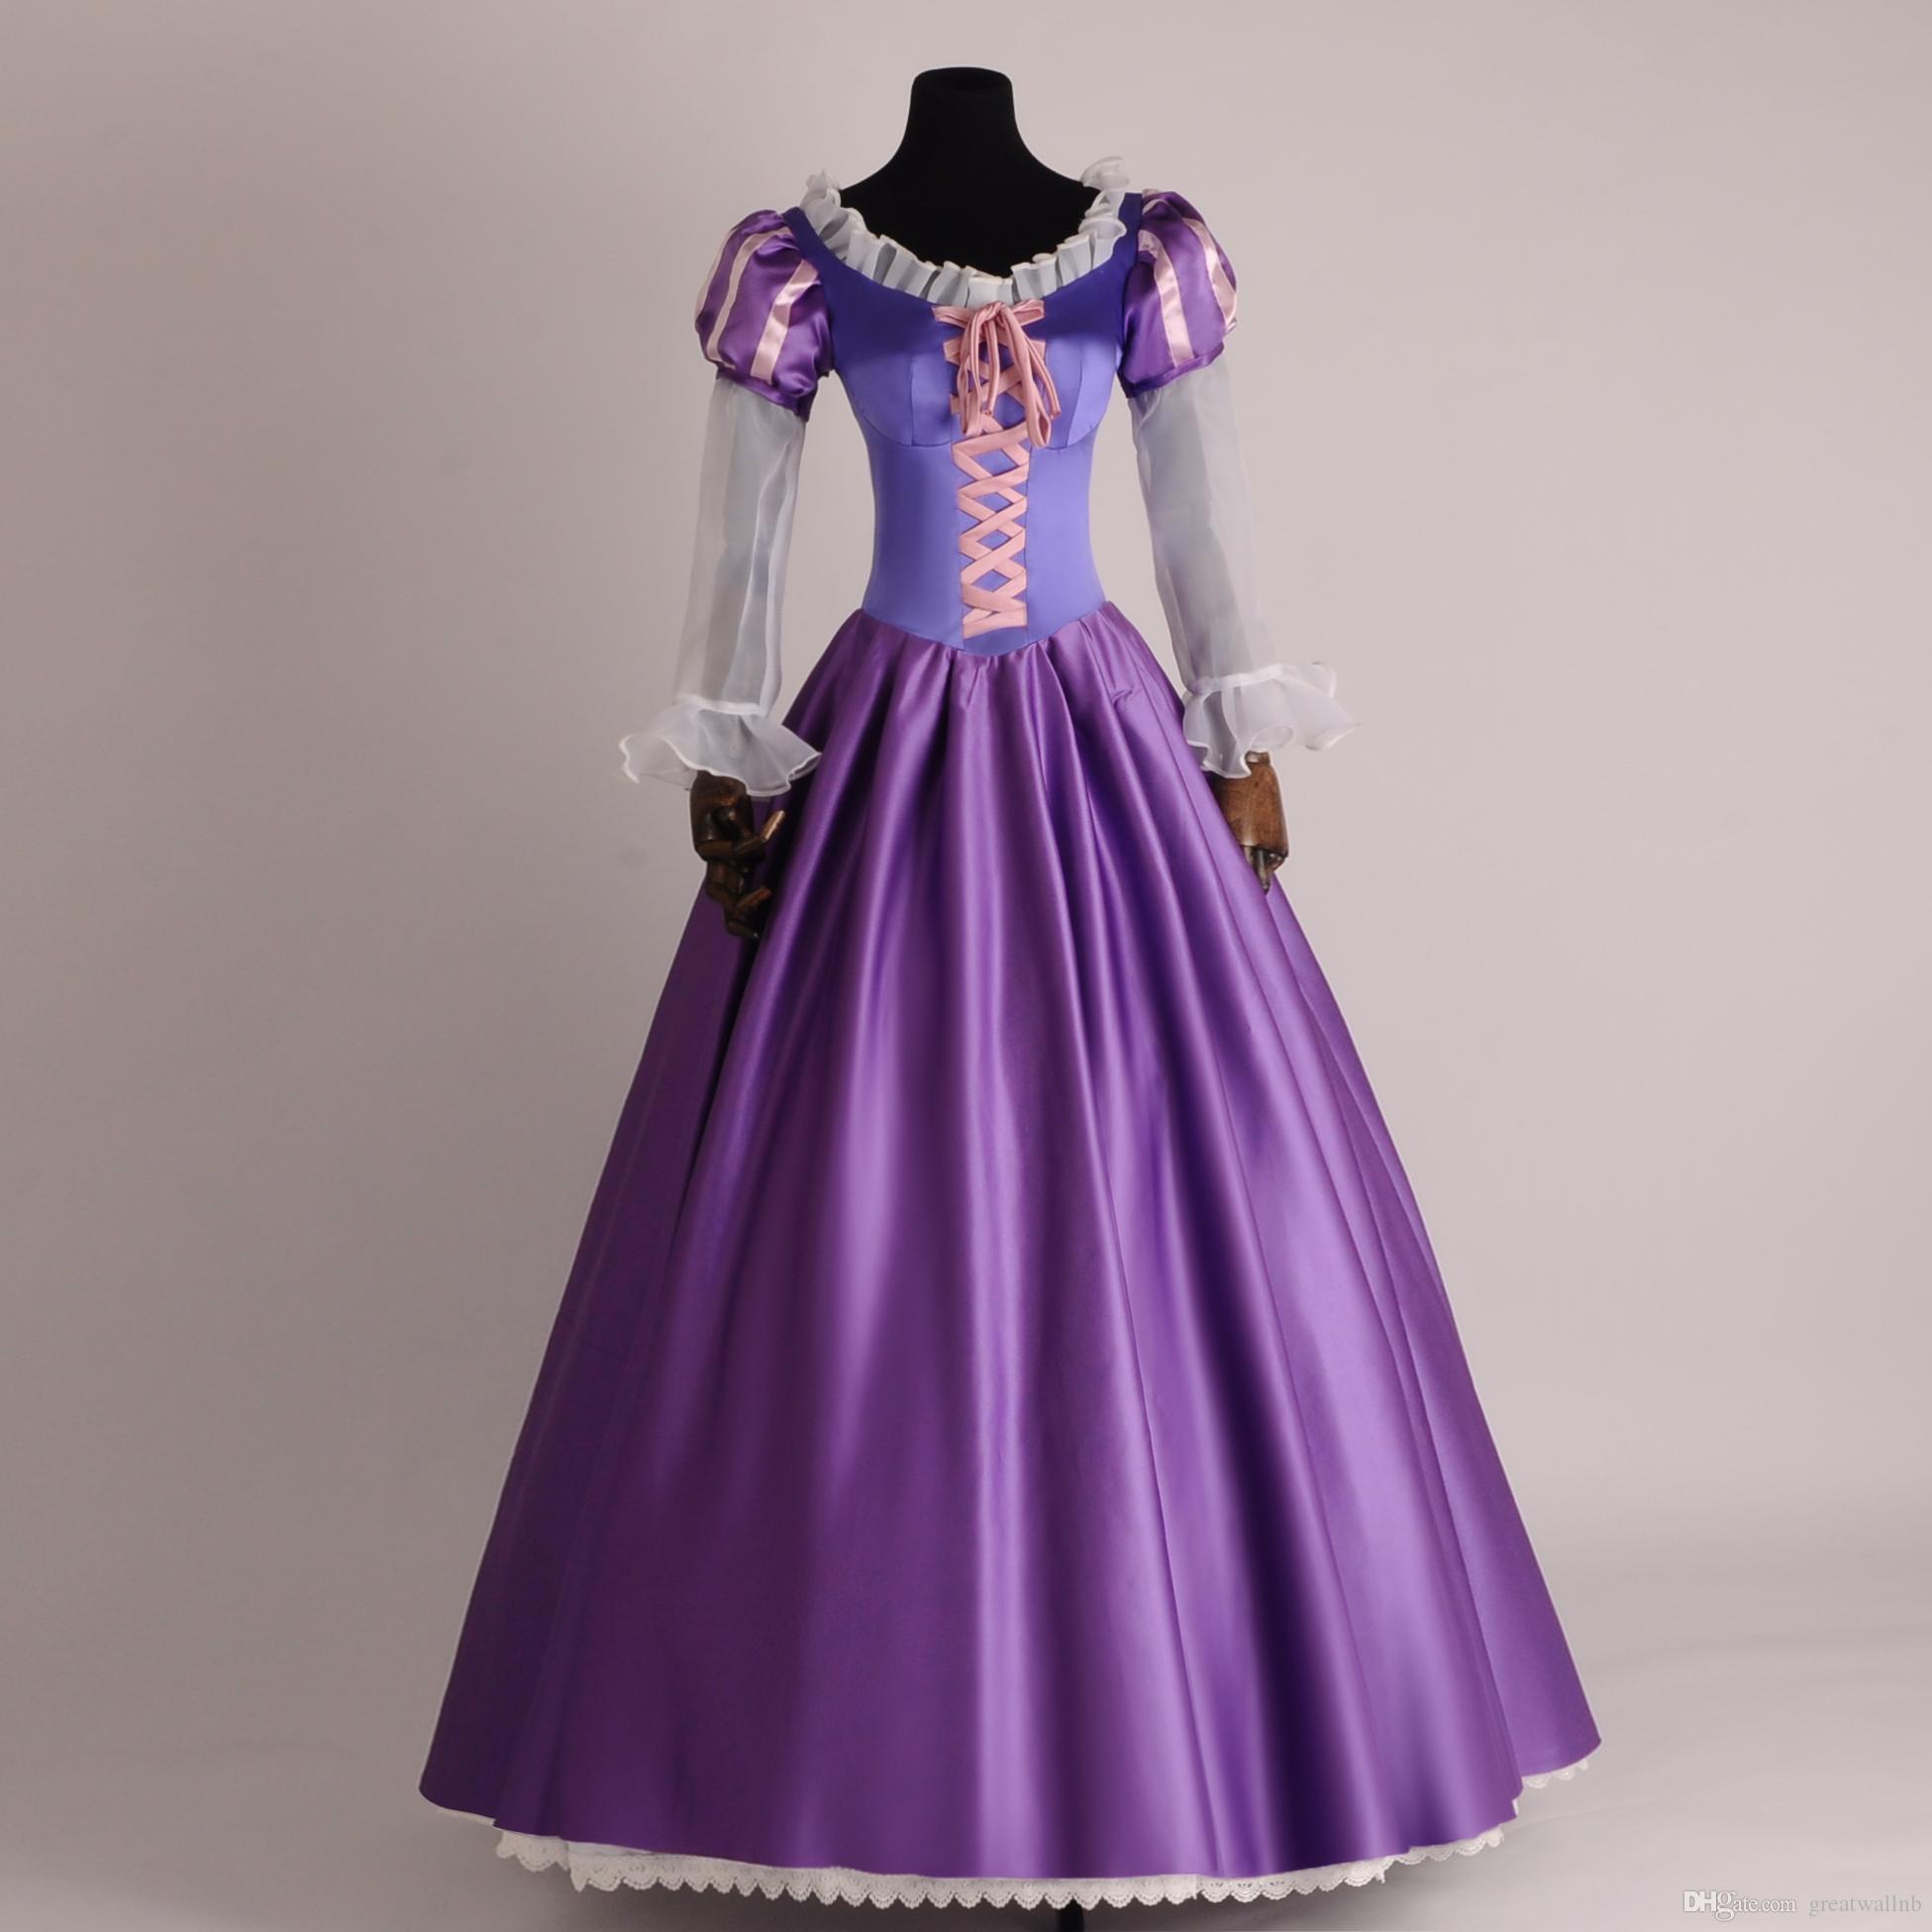 b65112938 Compre Vestido De Princesa Rapunzel Vestido Medieval Vestido De Princesa  Renacimiento Vestido Reina Victoria   Vestido De Gala   Belle A  150.26 Del  ...